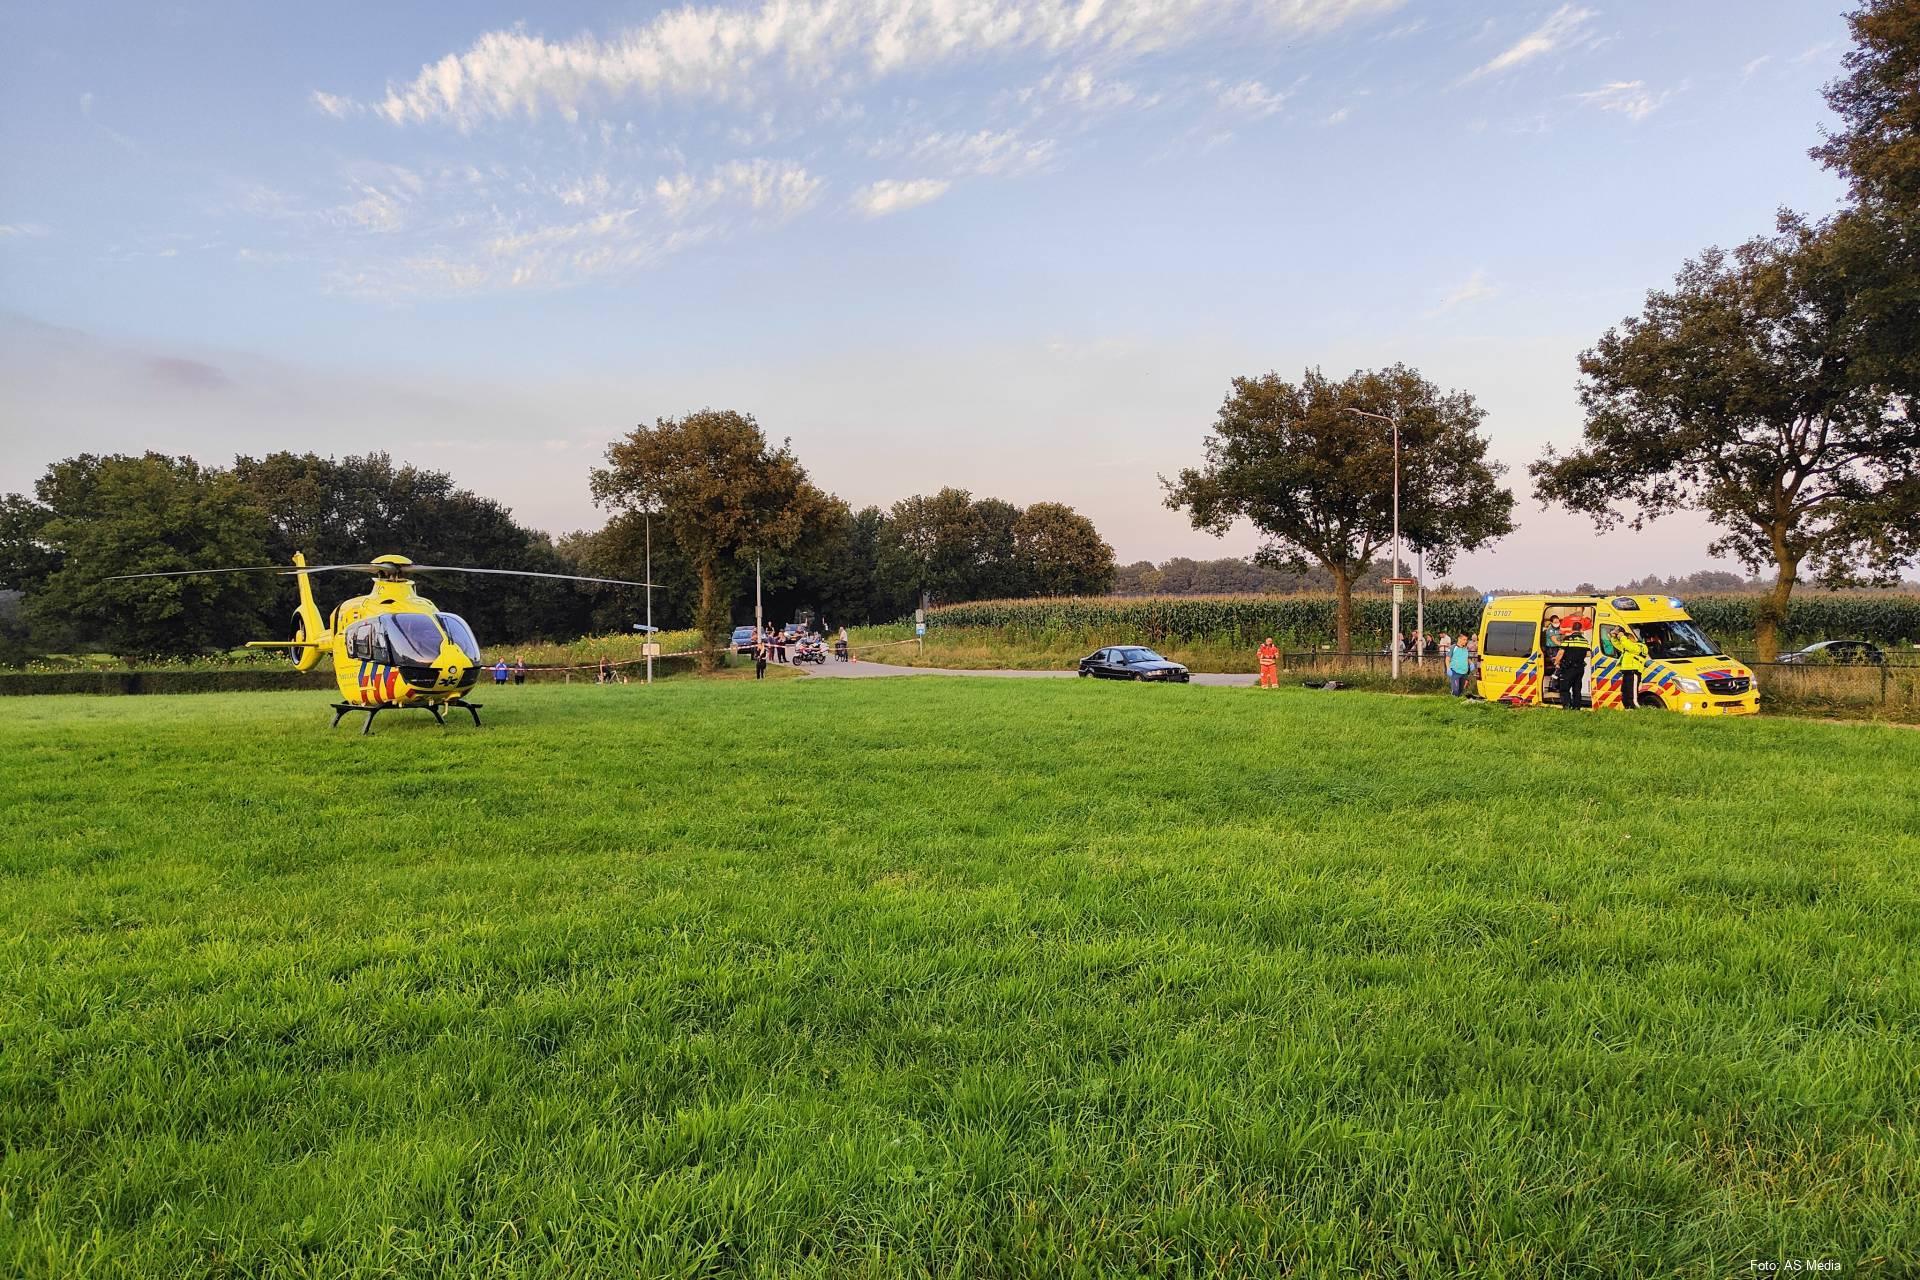 Fietser ernstig gewond bij aanrijding met auto in Ede, traumahelikopter geland.